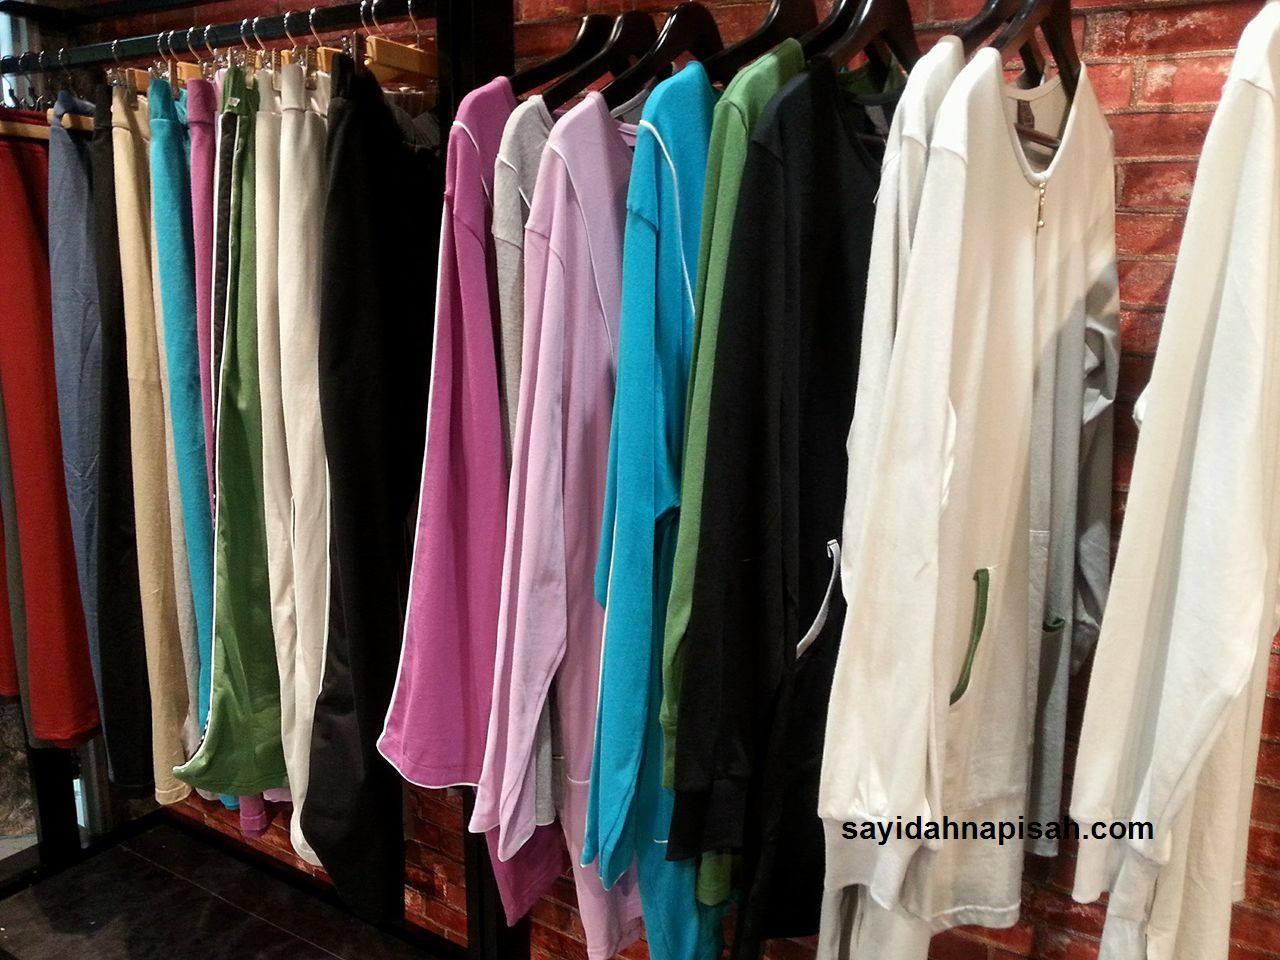 baju dan seluar sukan muslimah